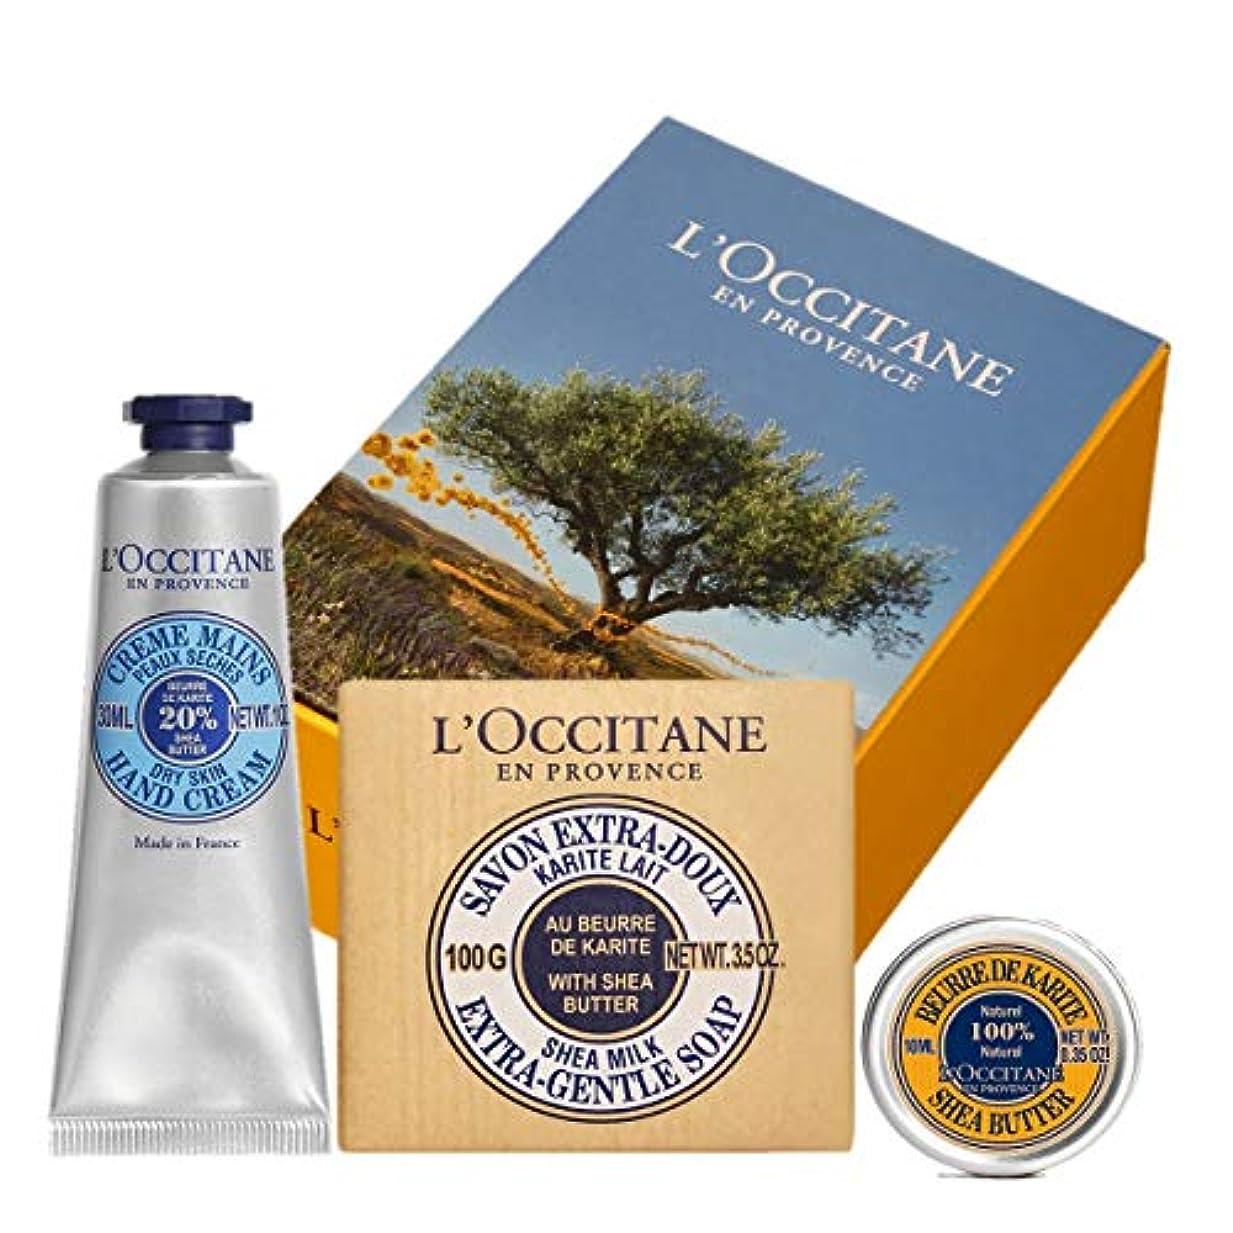 ブラウザ一侮辱ロクシタン(L'OCCITANE) シア モイスチャ―セット(ハンドクリーム+シアバター+ソープ) 30ml+100g+10ml